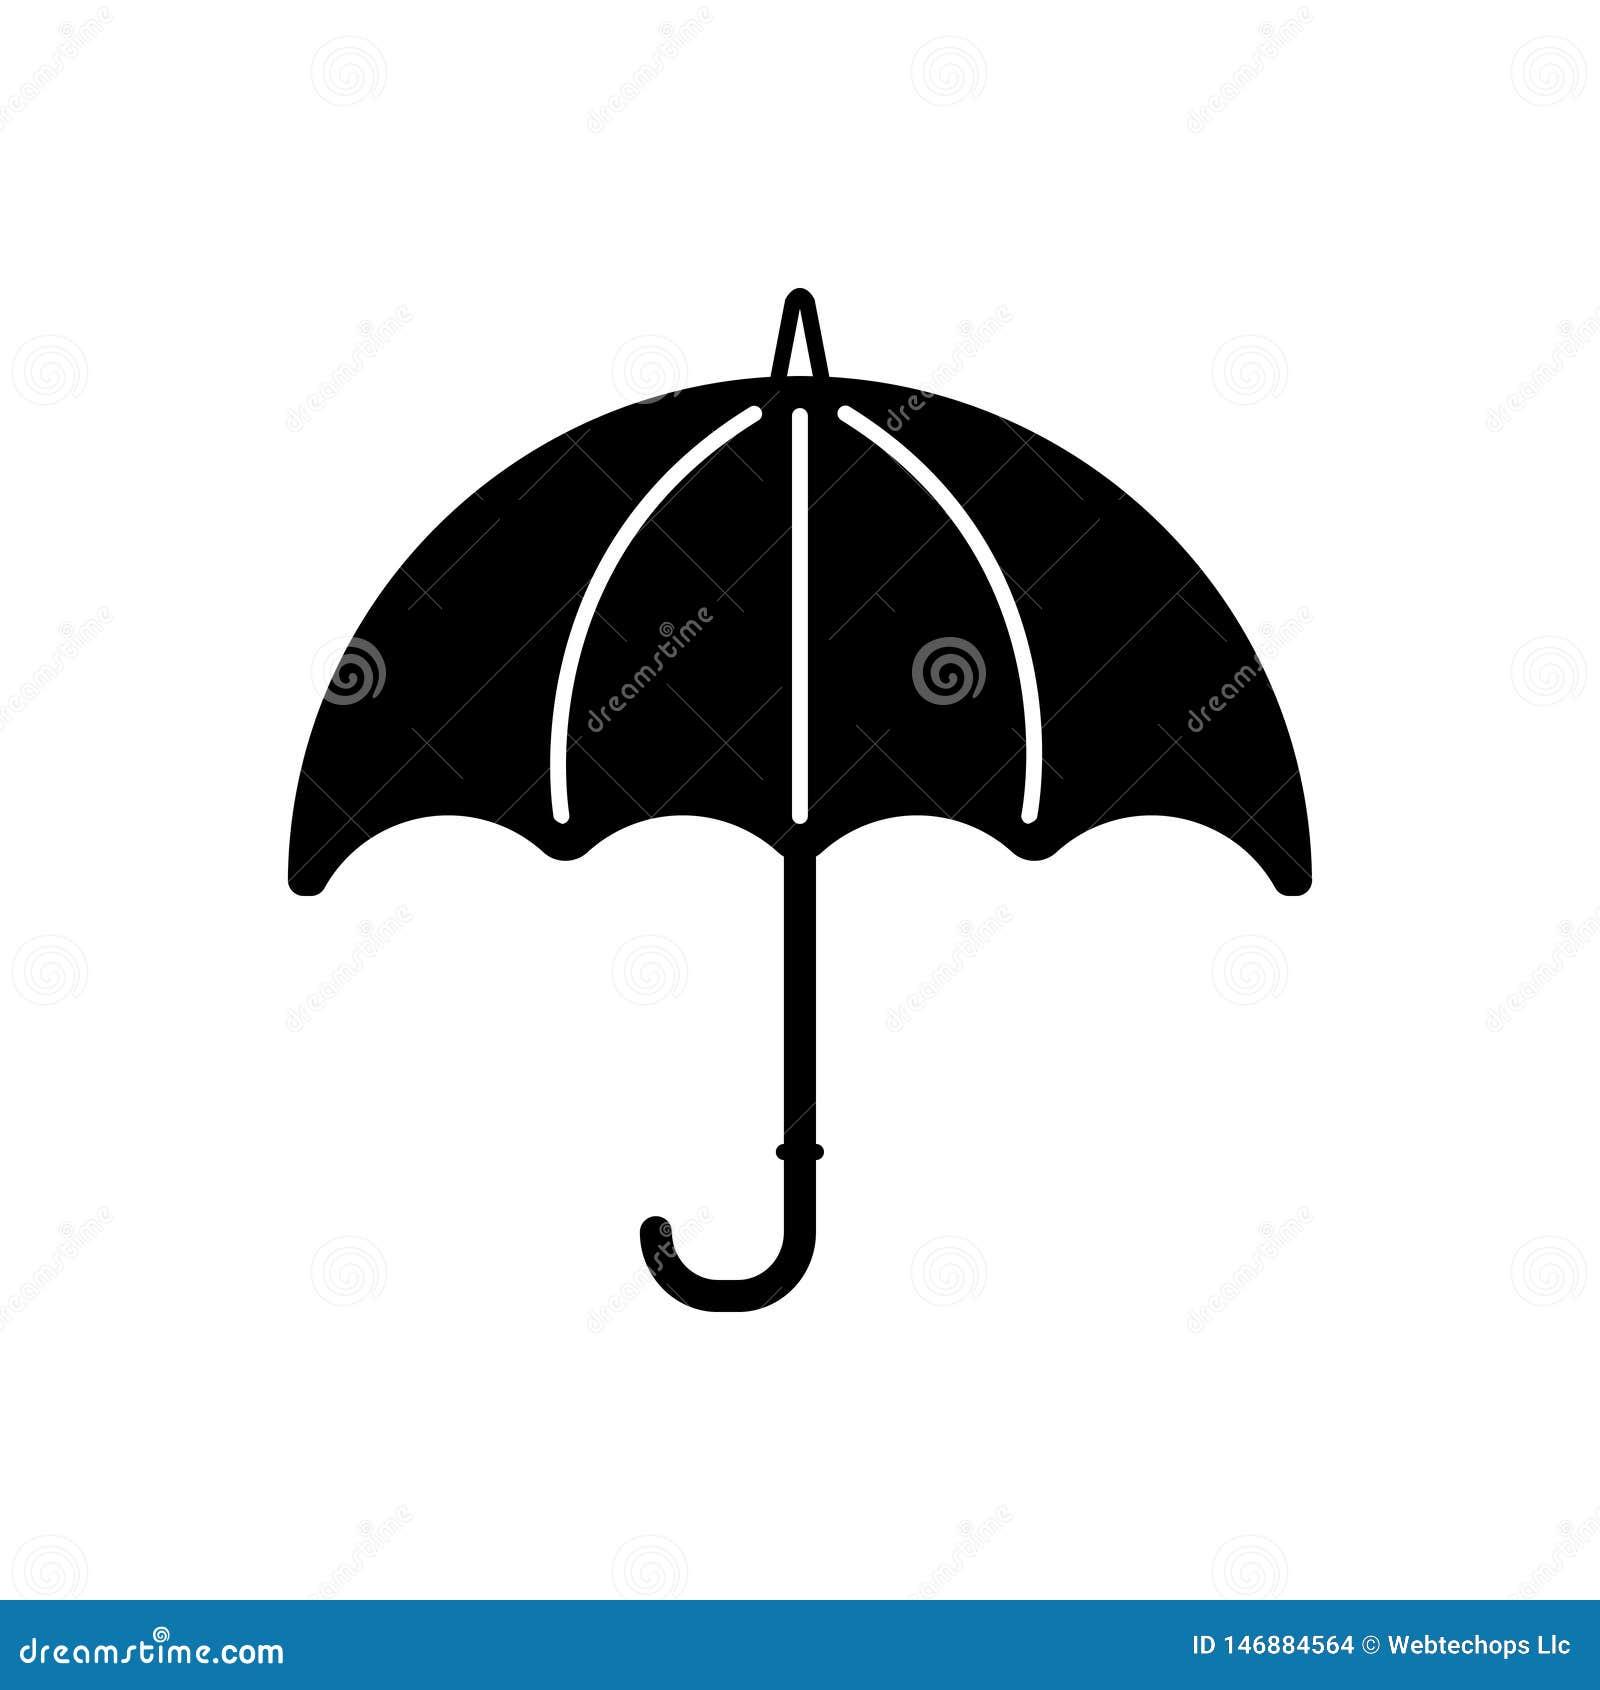 Svart fast symbol för paraply, säkert och regnigt